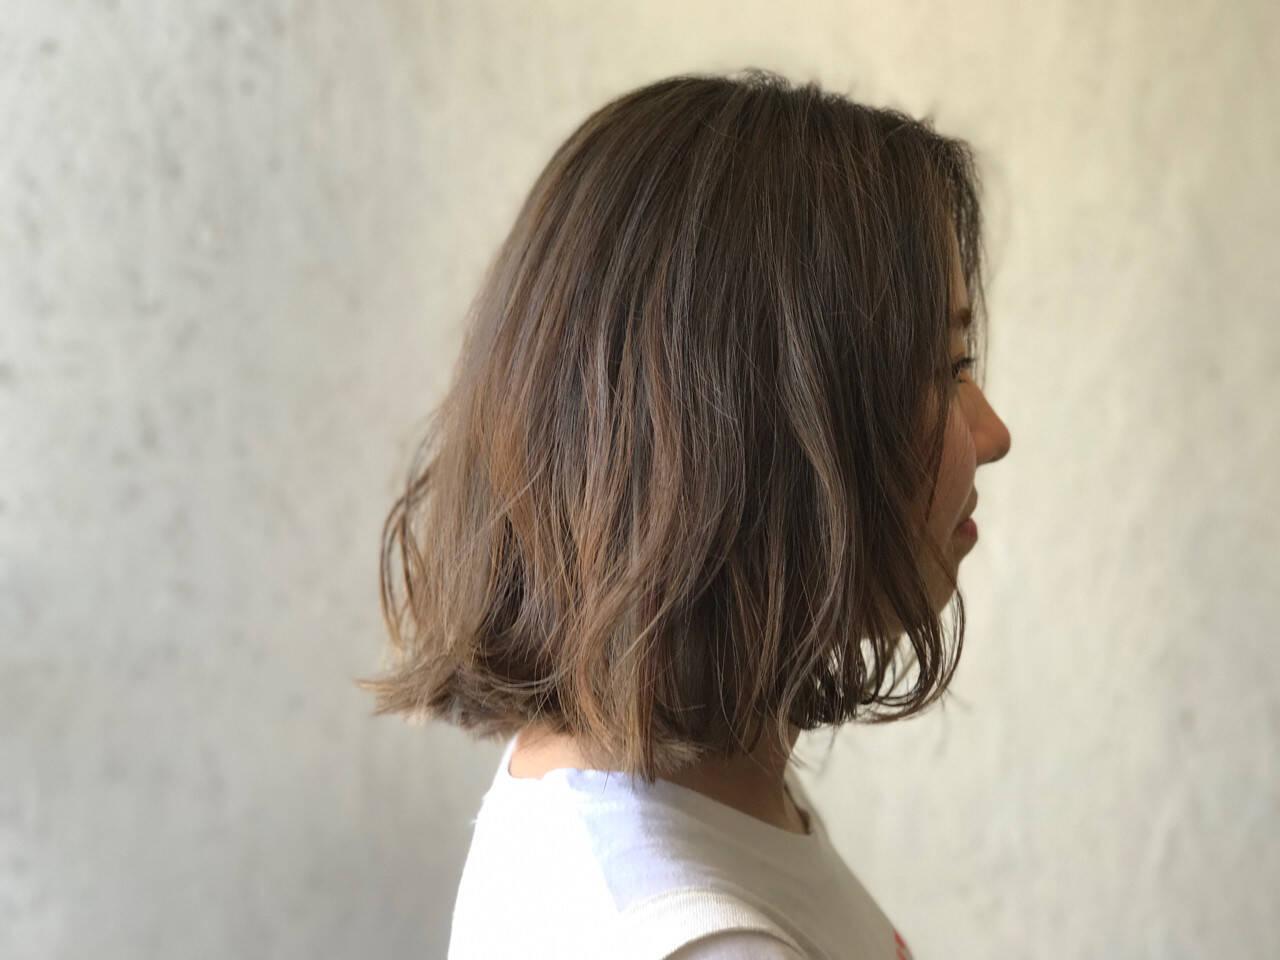 アッシュ アンニュイ ボブ ウェーブヘアスタイルや髪型の写真・画像